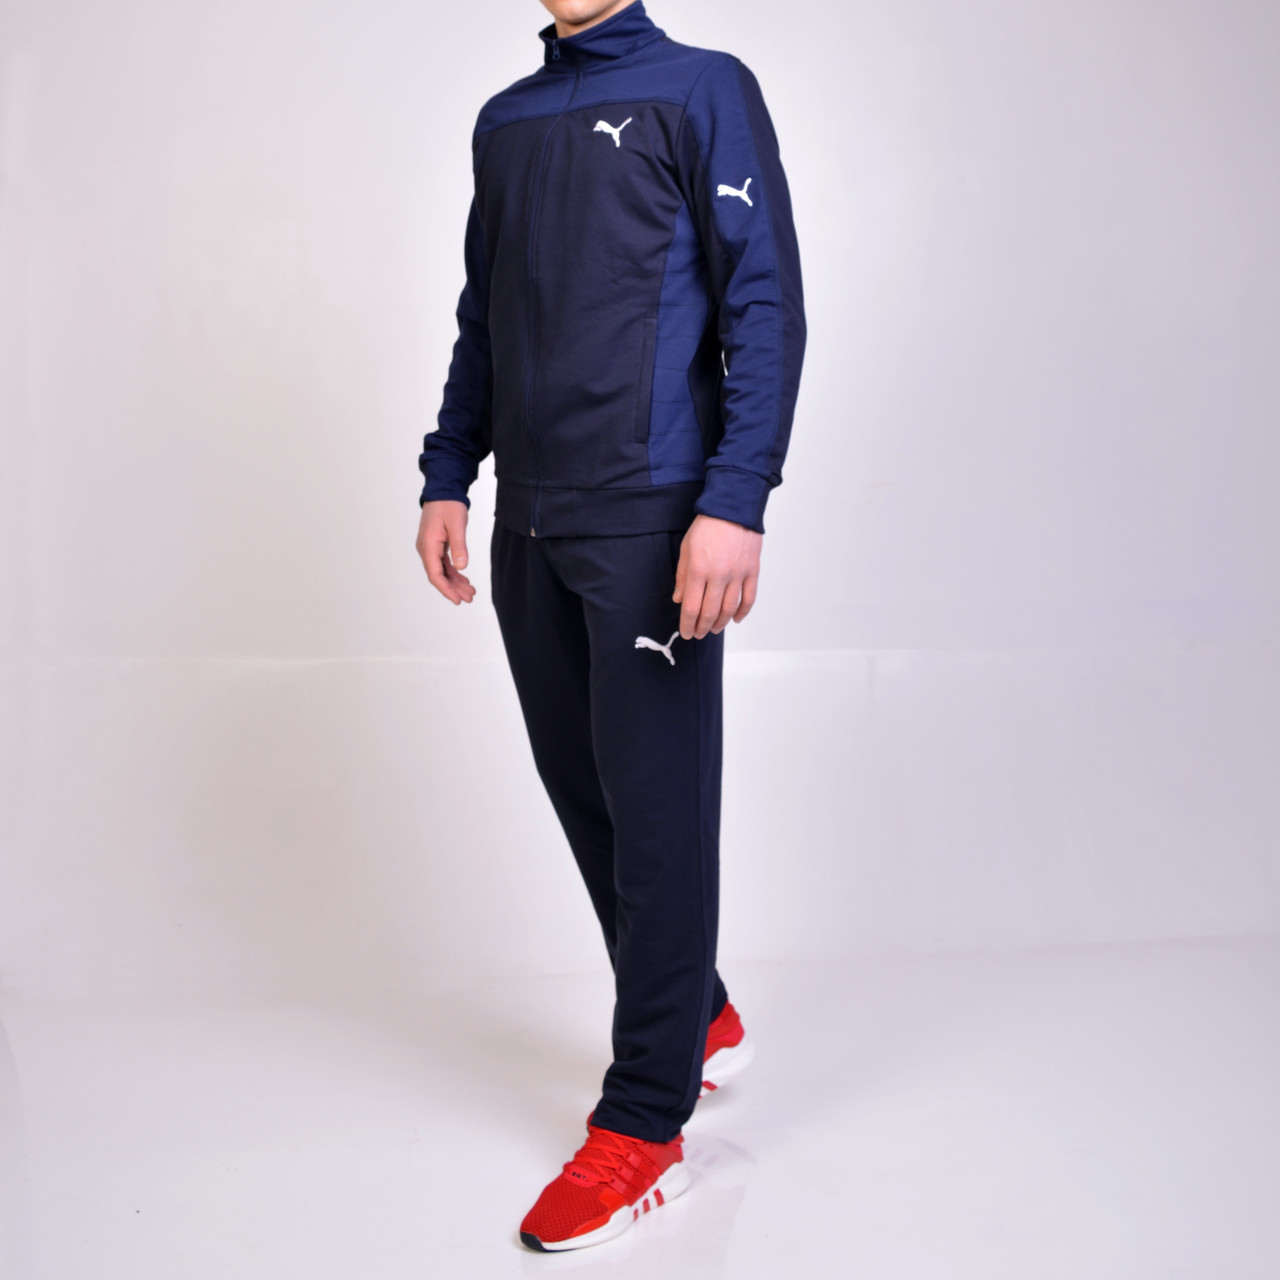 72643e8d62ee Остались размеры  46,48 Мужской спортивный костюм Puma (Пума)   Турция,